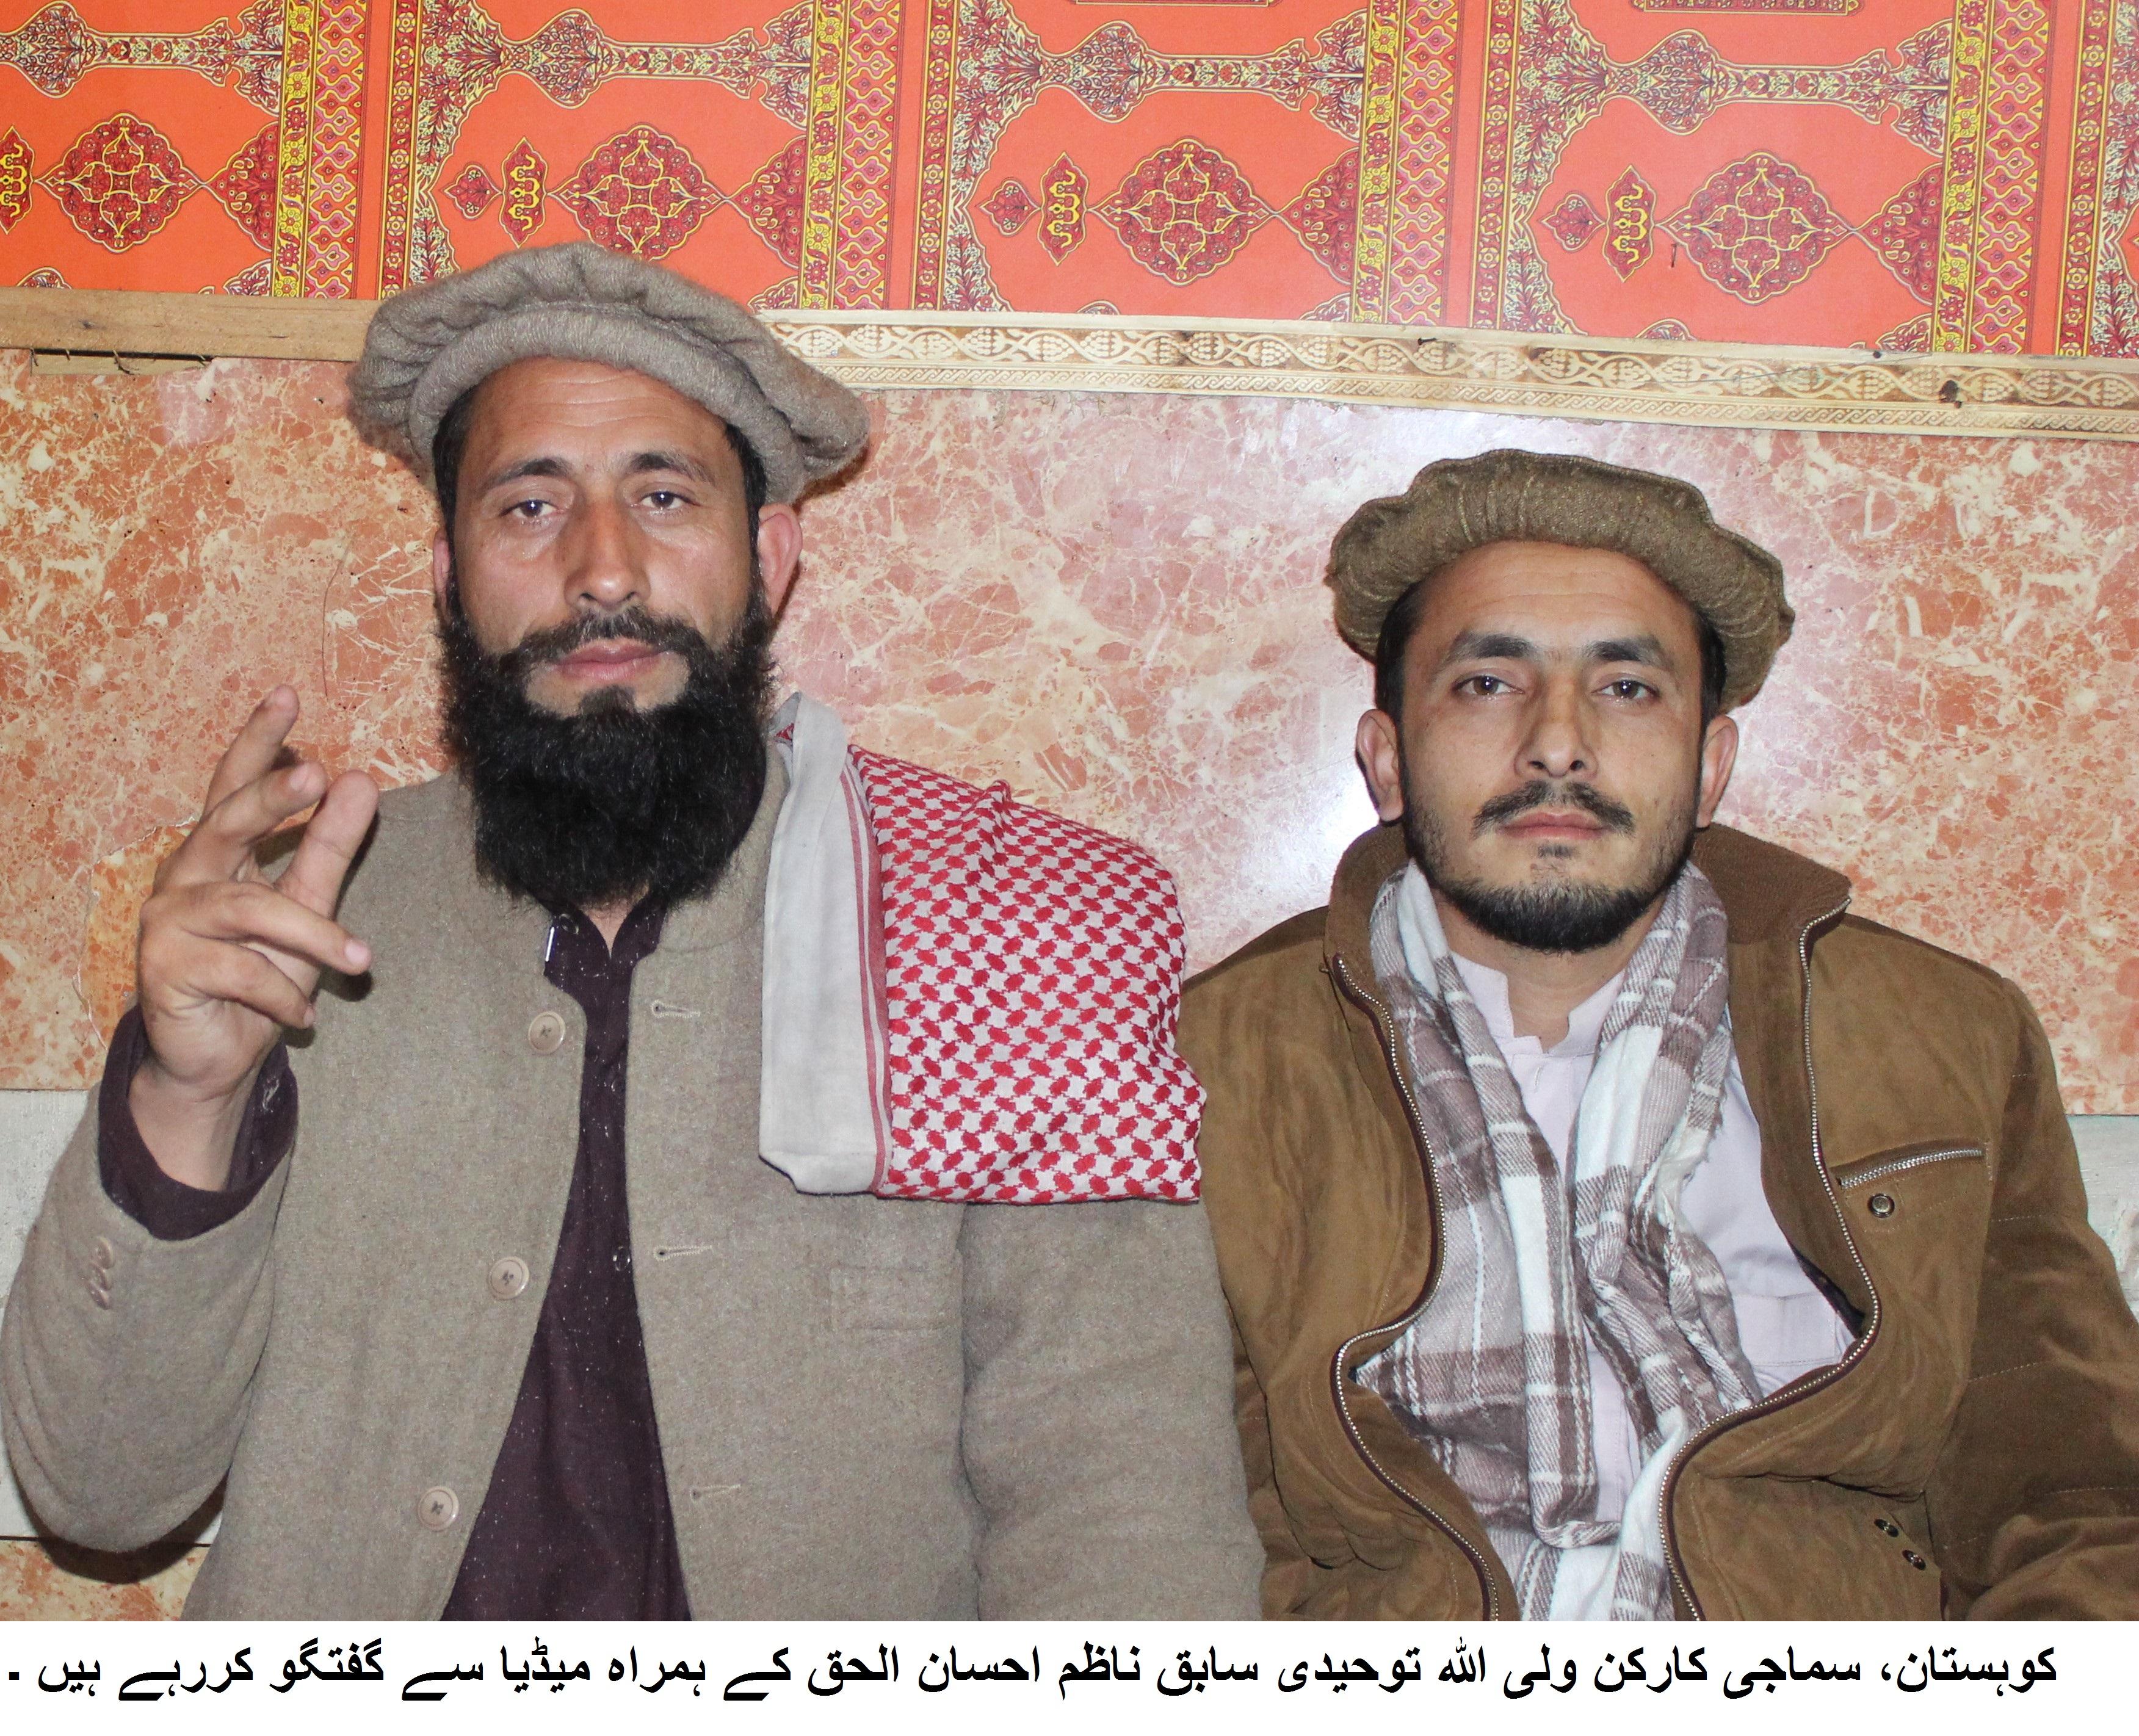 کوہستان: کوہستان، زلزلہ اور سیلاب متاثرین بدستور بے یار ومددگار۔ مولانا ولی اللہ توحیدی